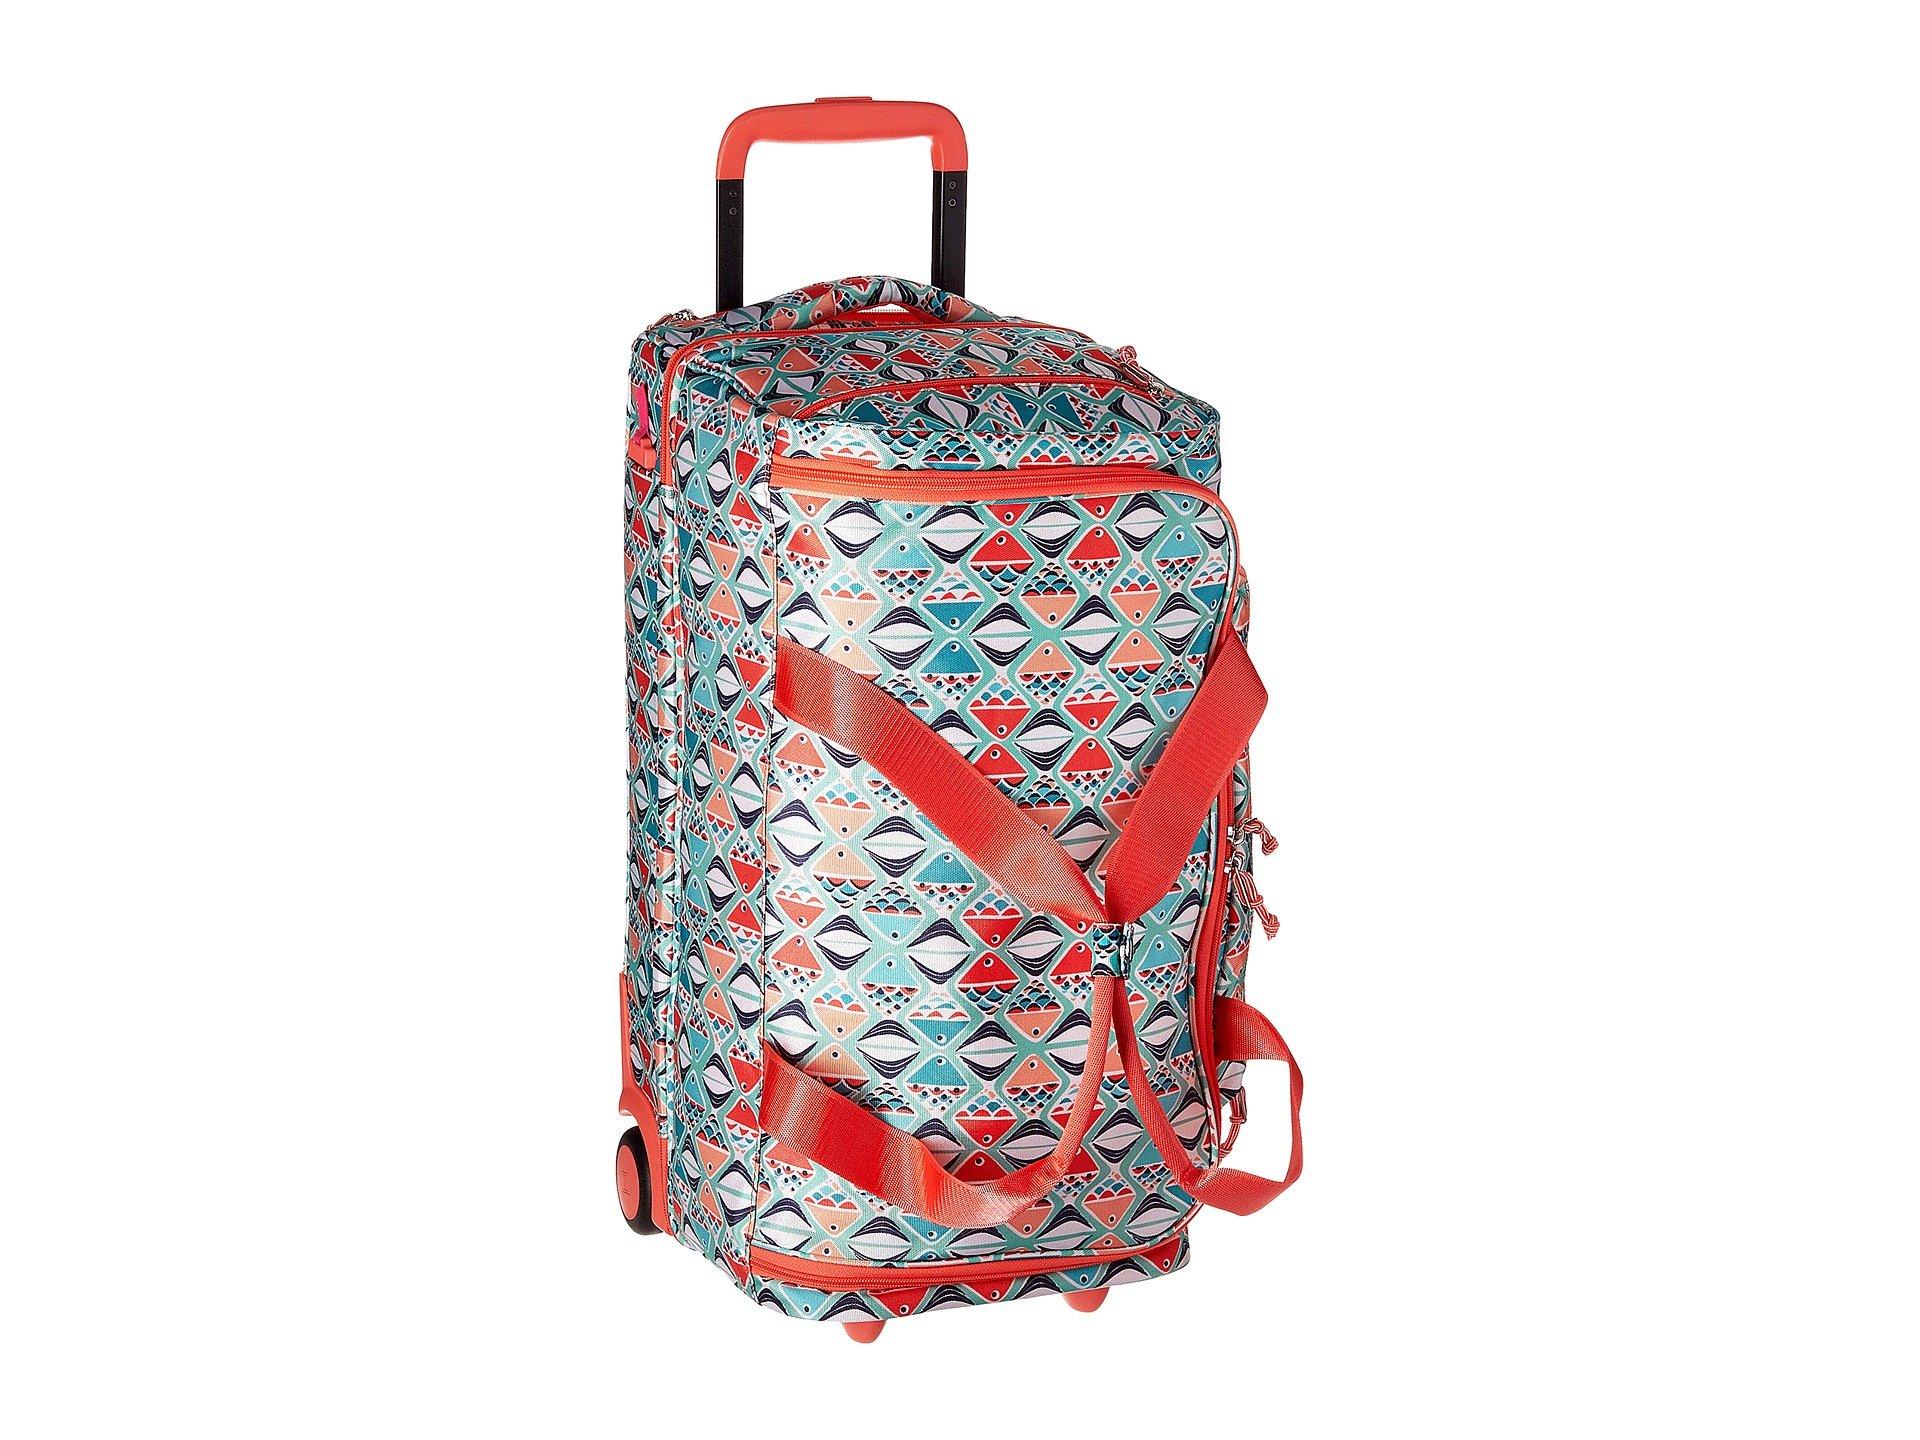 Bolso de Lona para Mujer Vera Bradley Lighten Up Foldable Rolling Duffel  + Vera Bradley en VeoyCompro.net